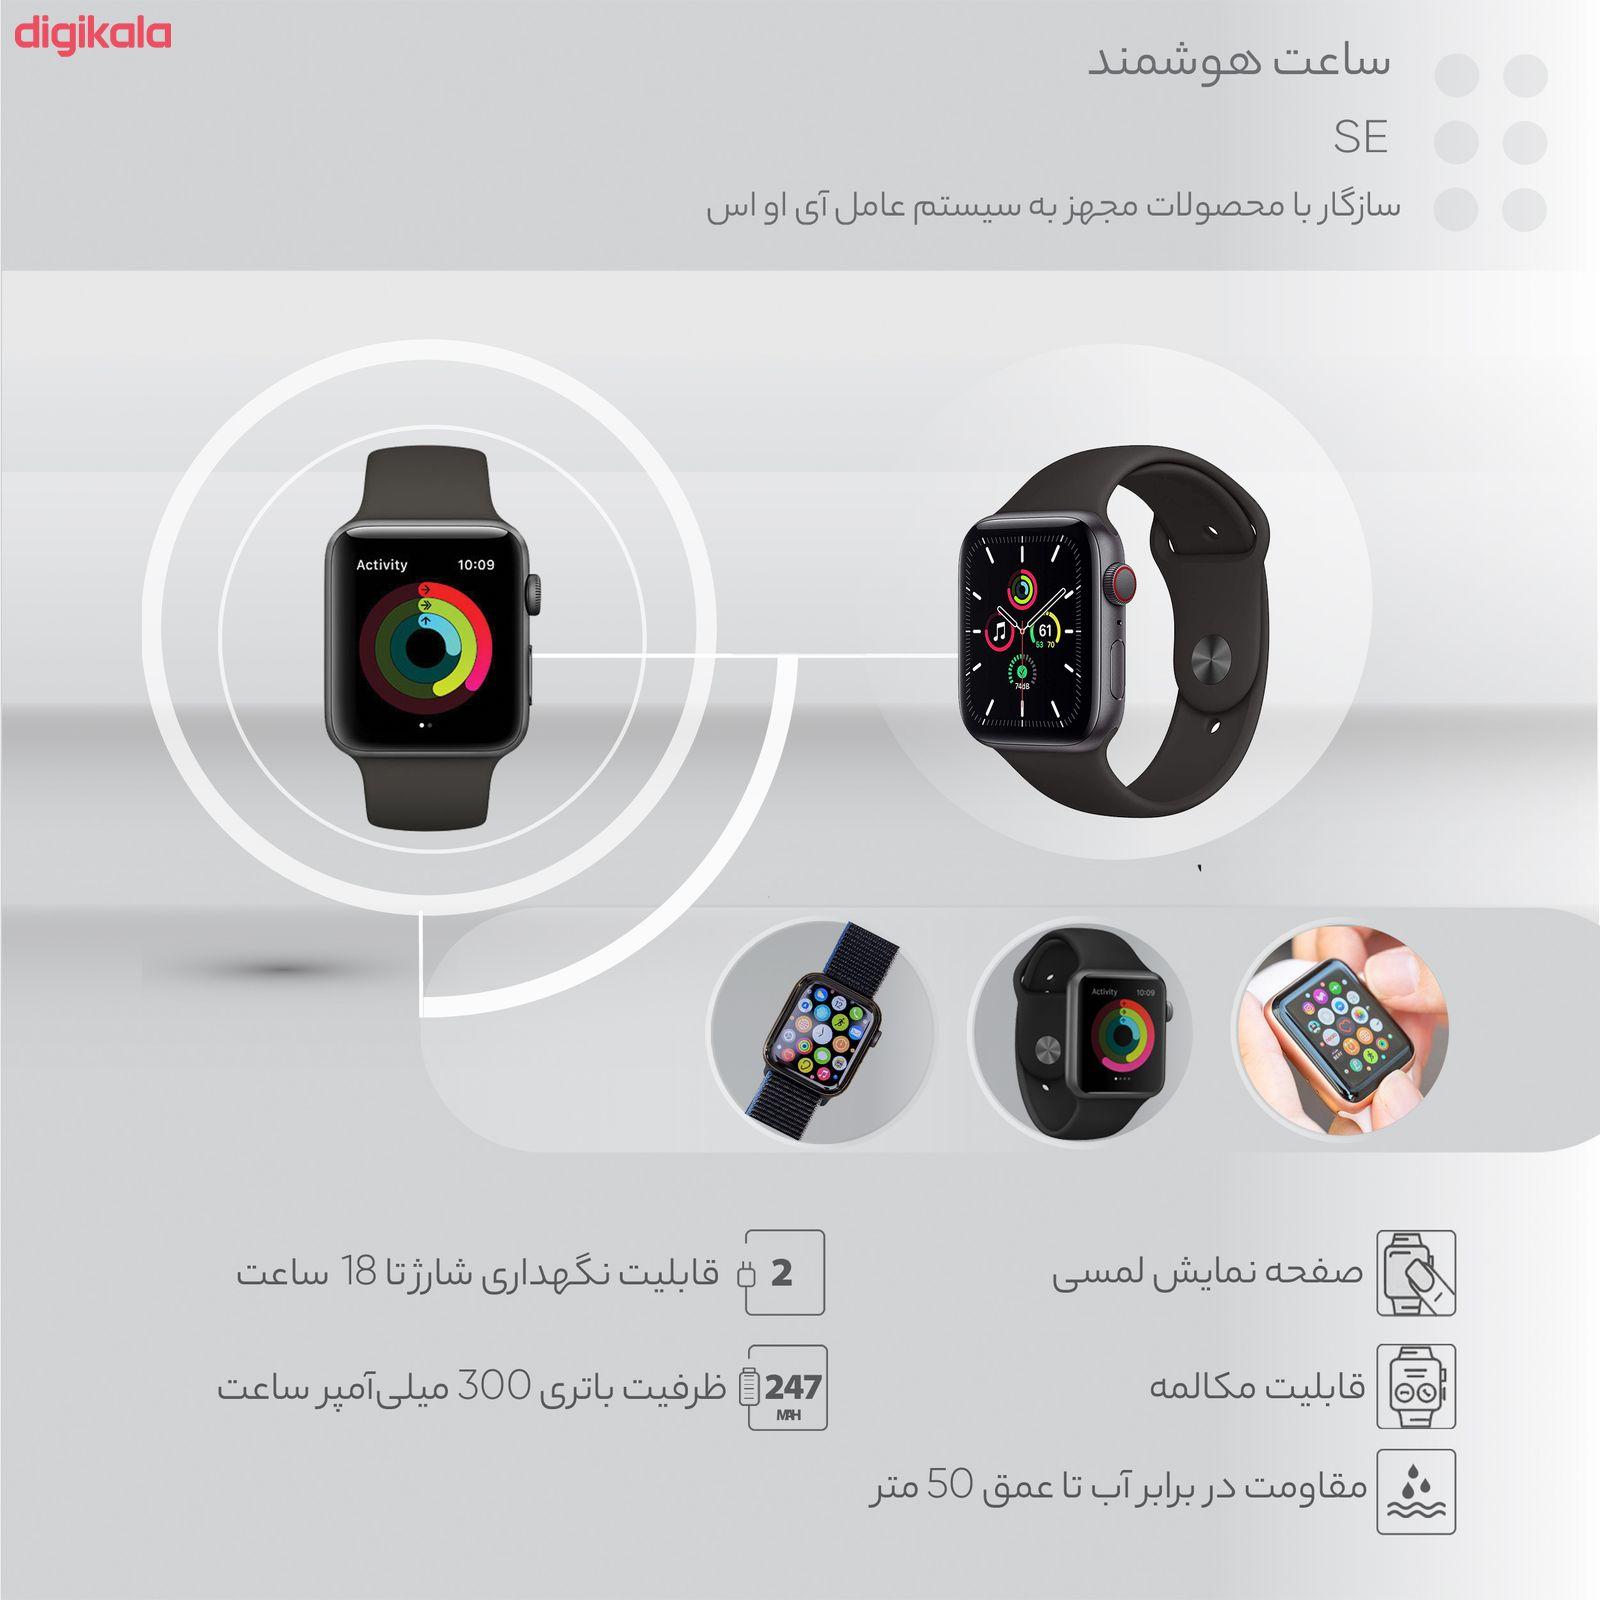 ساعت هوشمند اپل واچ سری SE مدل 40mm Aluminum Case   main 1 13